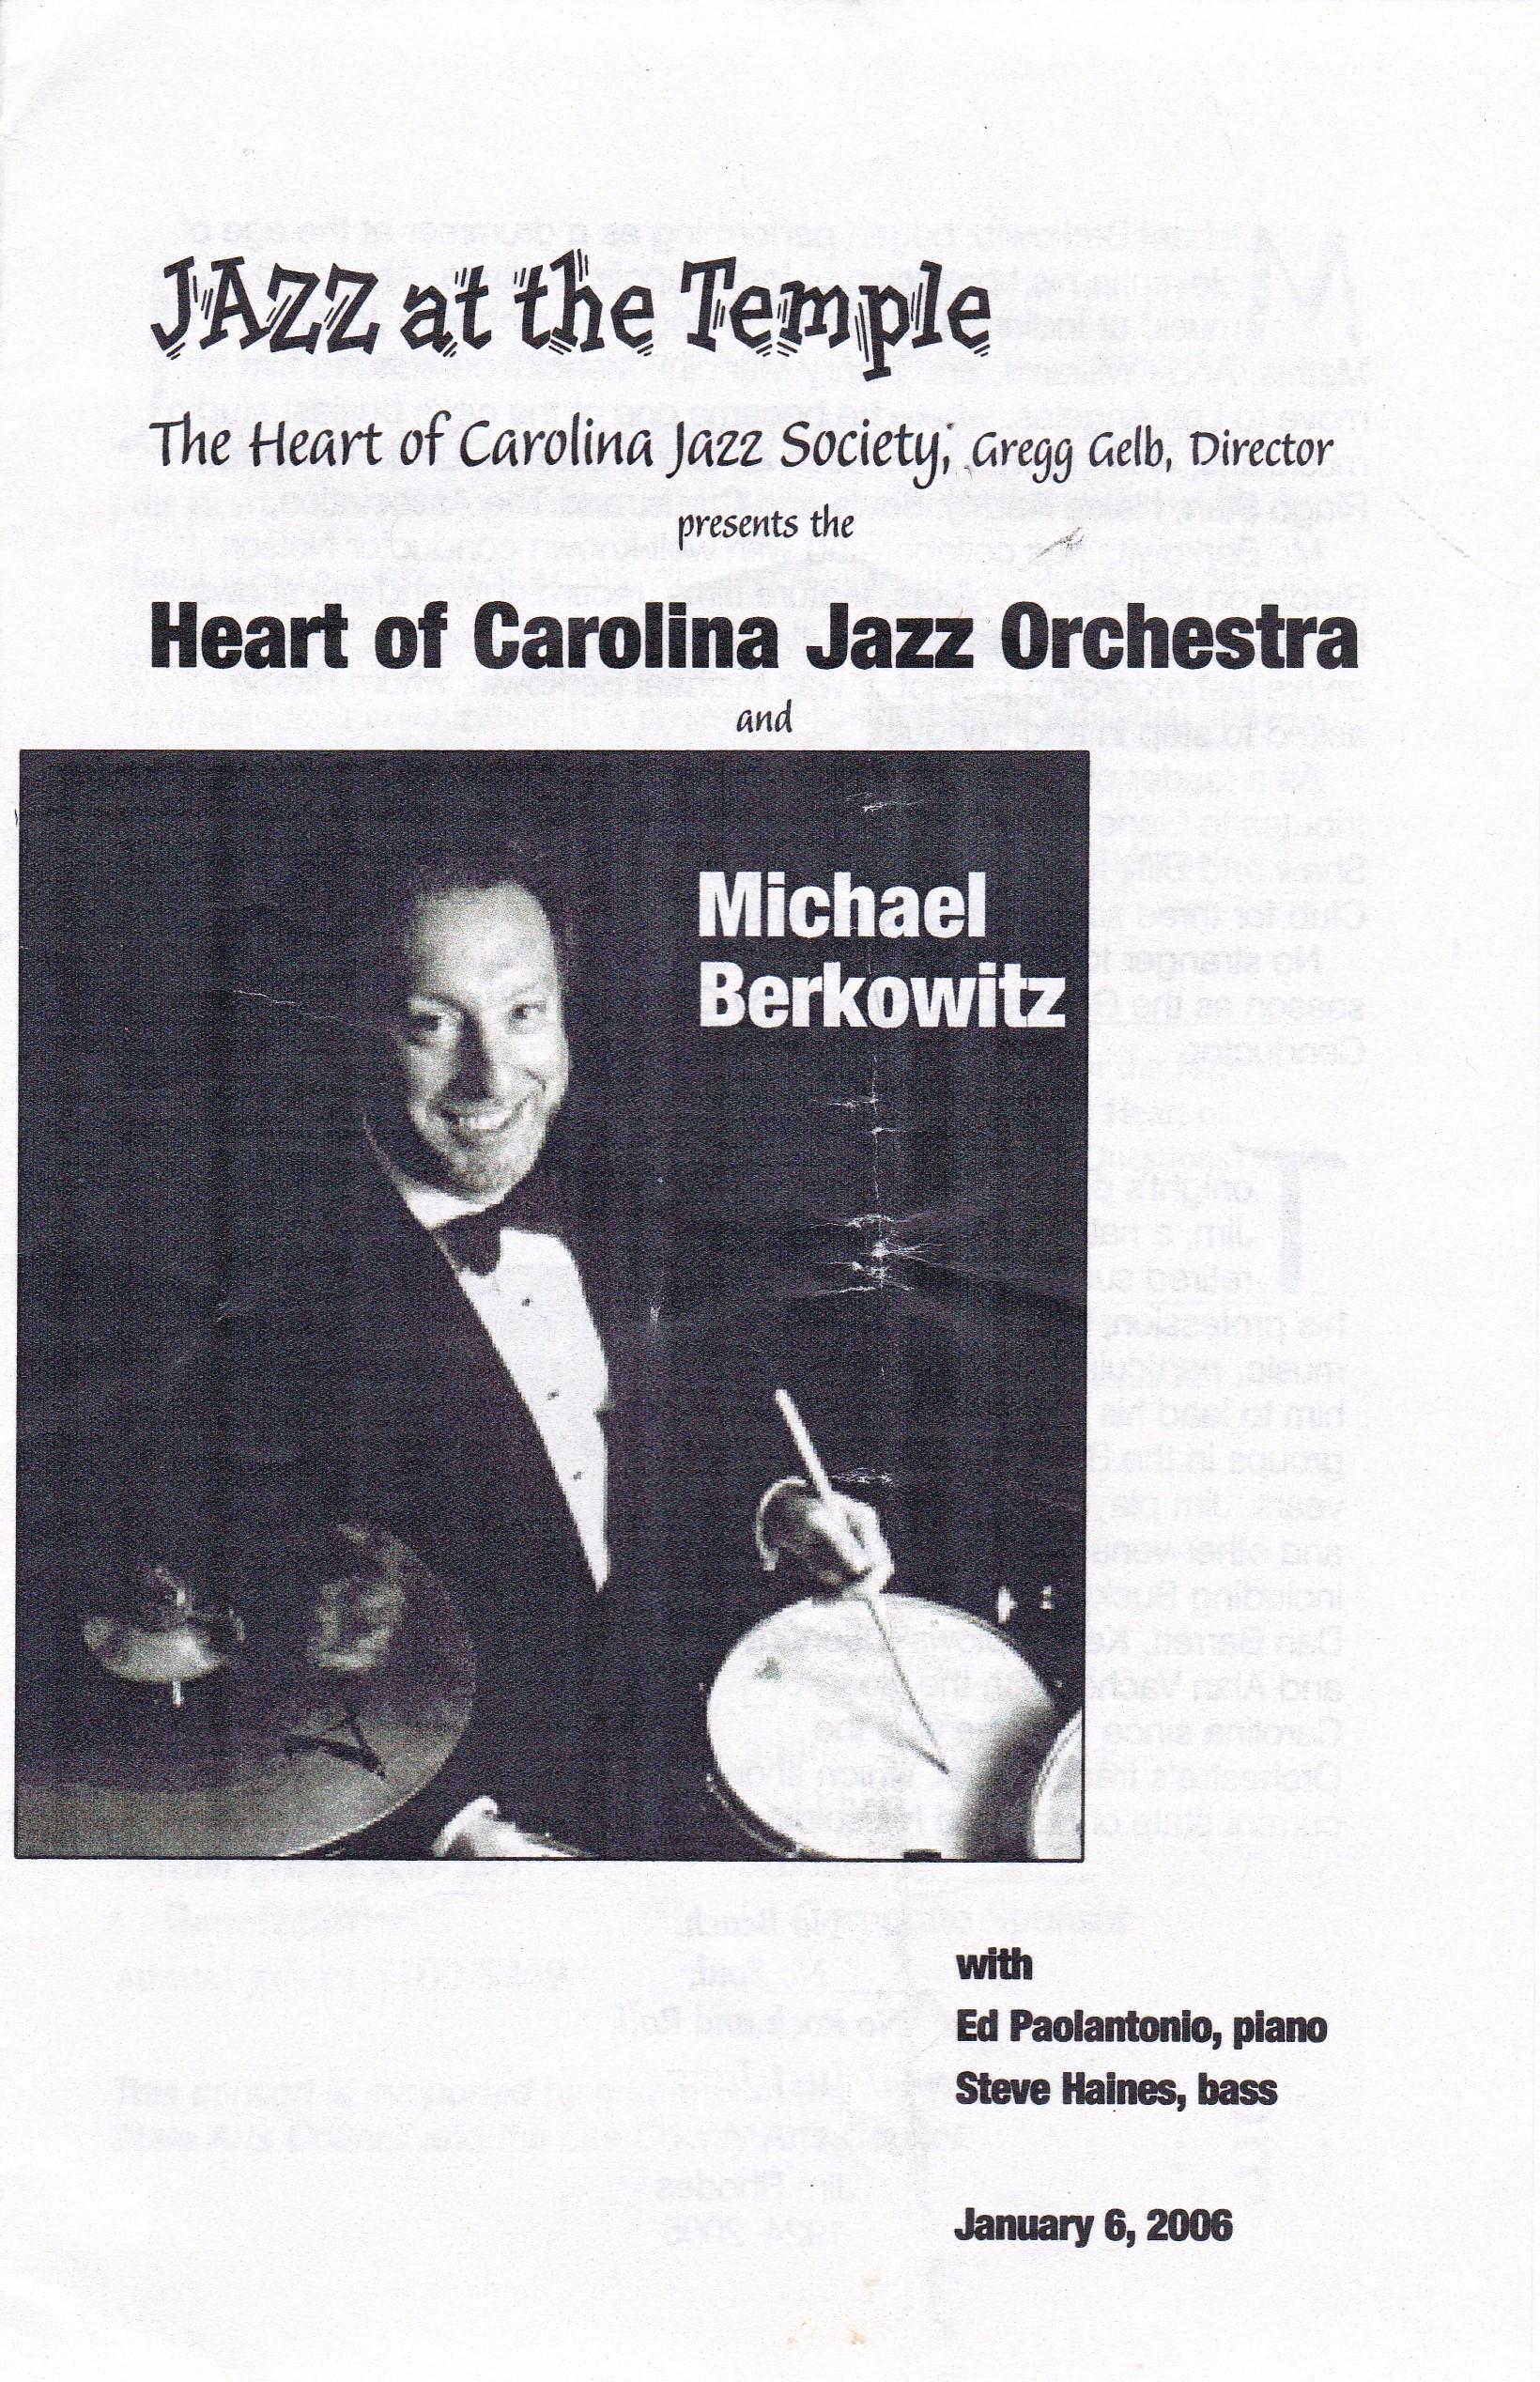 HOCJO-Guest-Michael-berkowitz-program